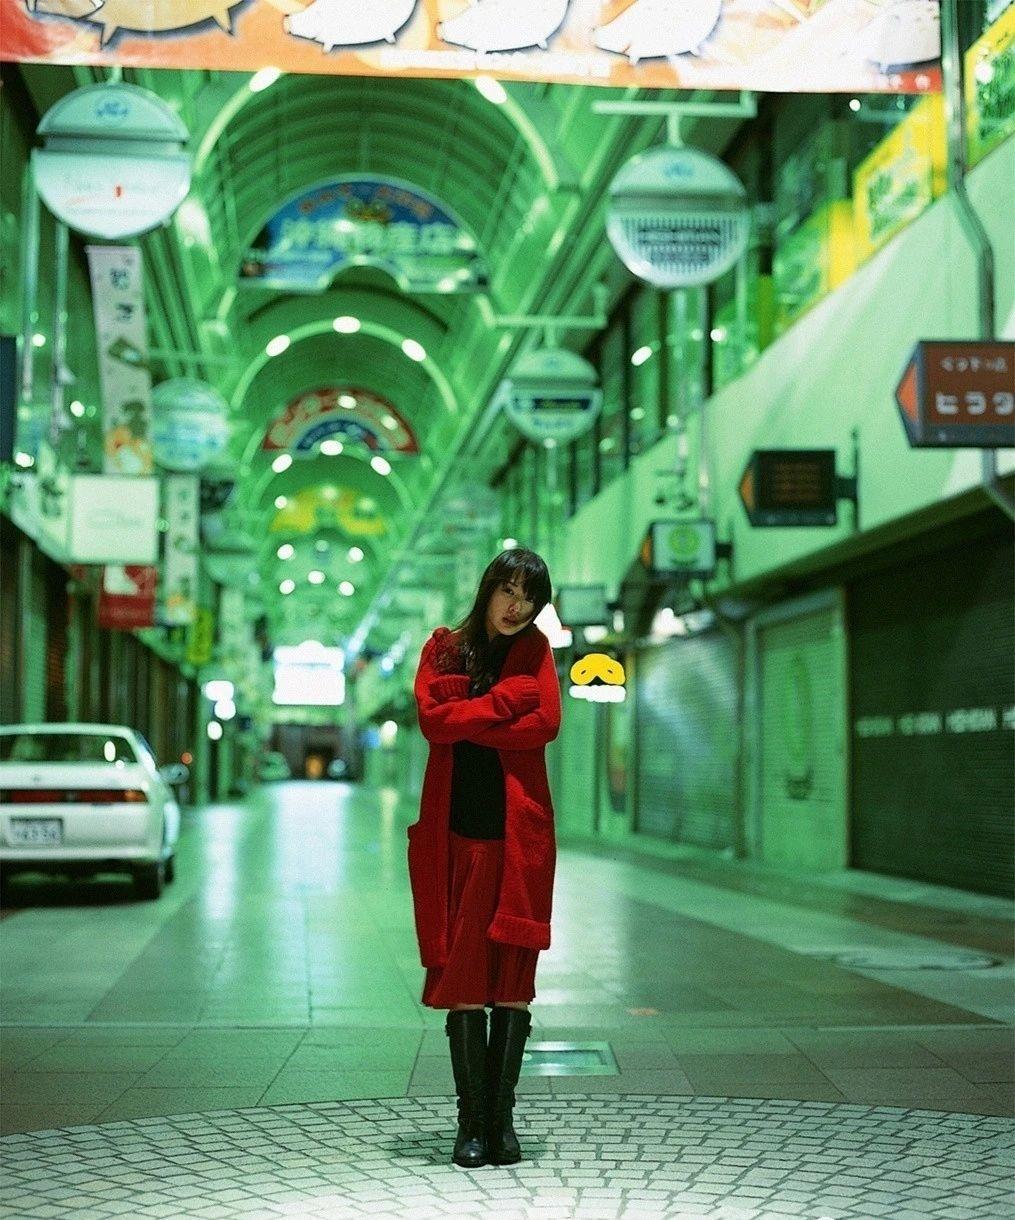 美的不可方物少女时代的户田惠梨香写真作品 (15)